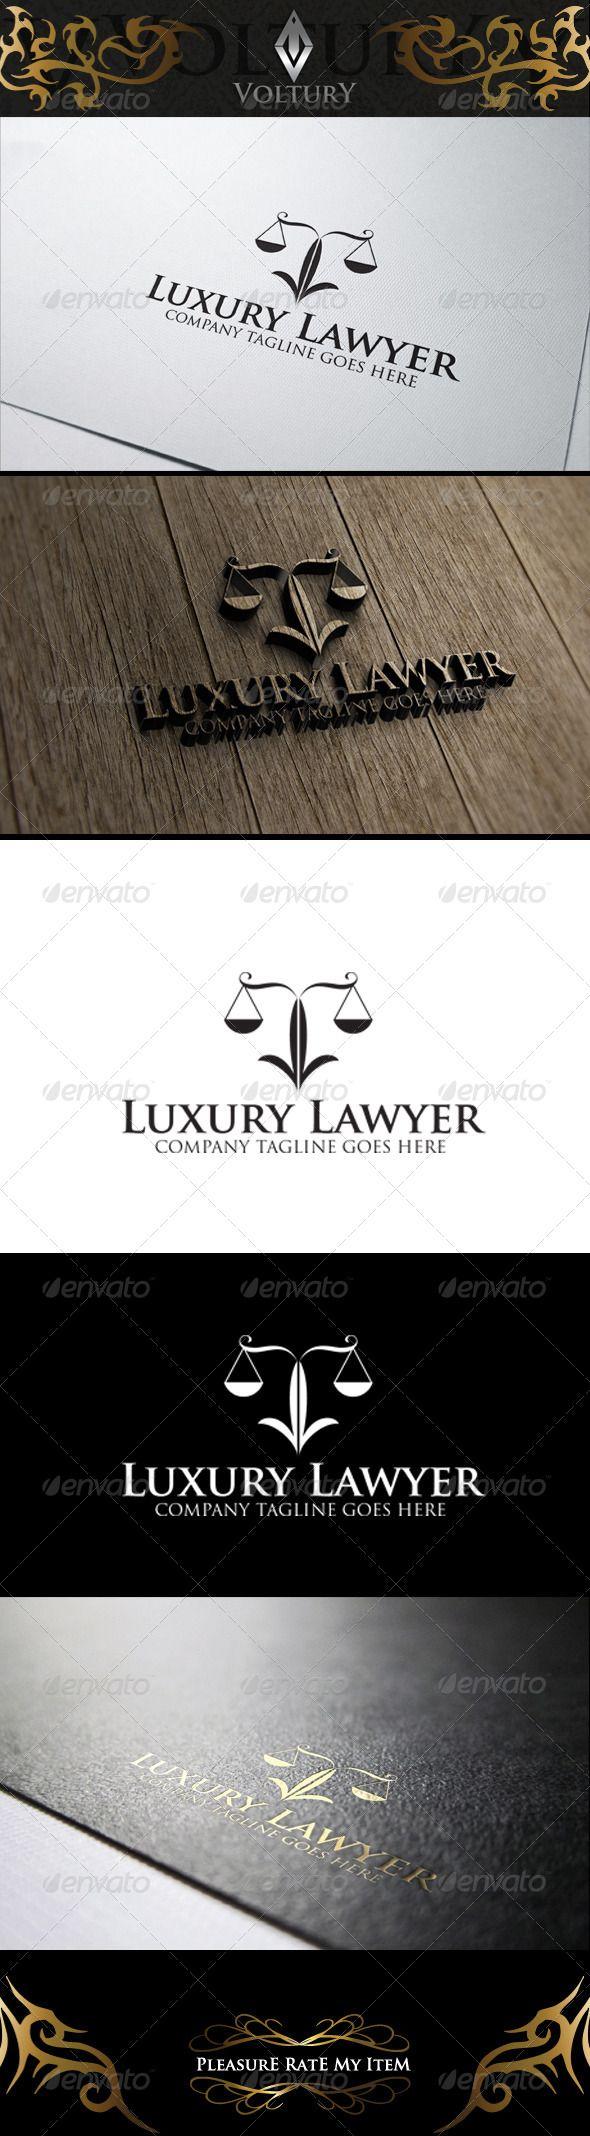 Luxury Lawyer Logo